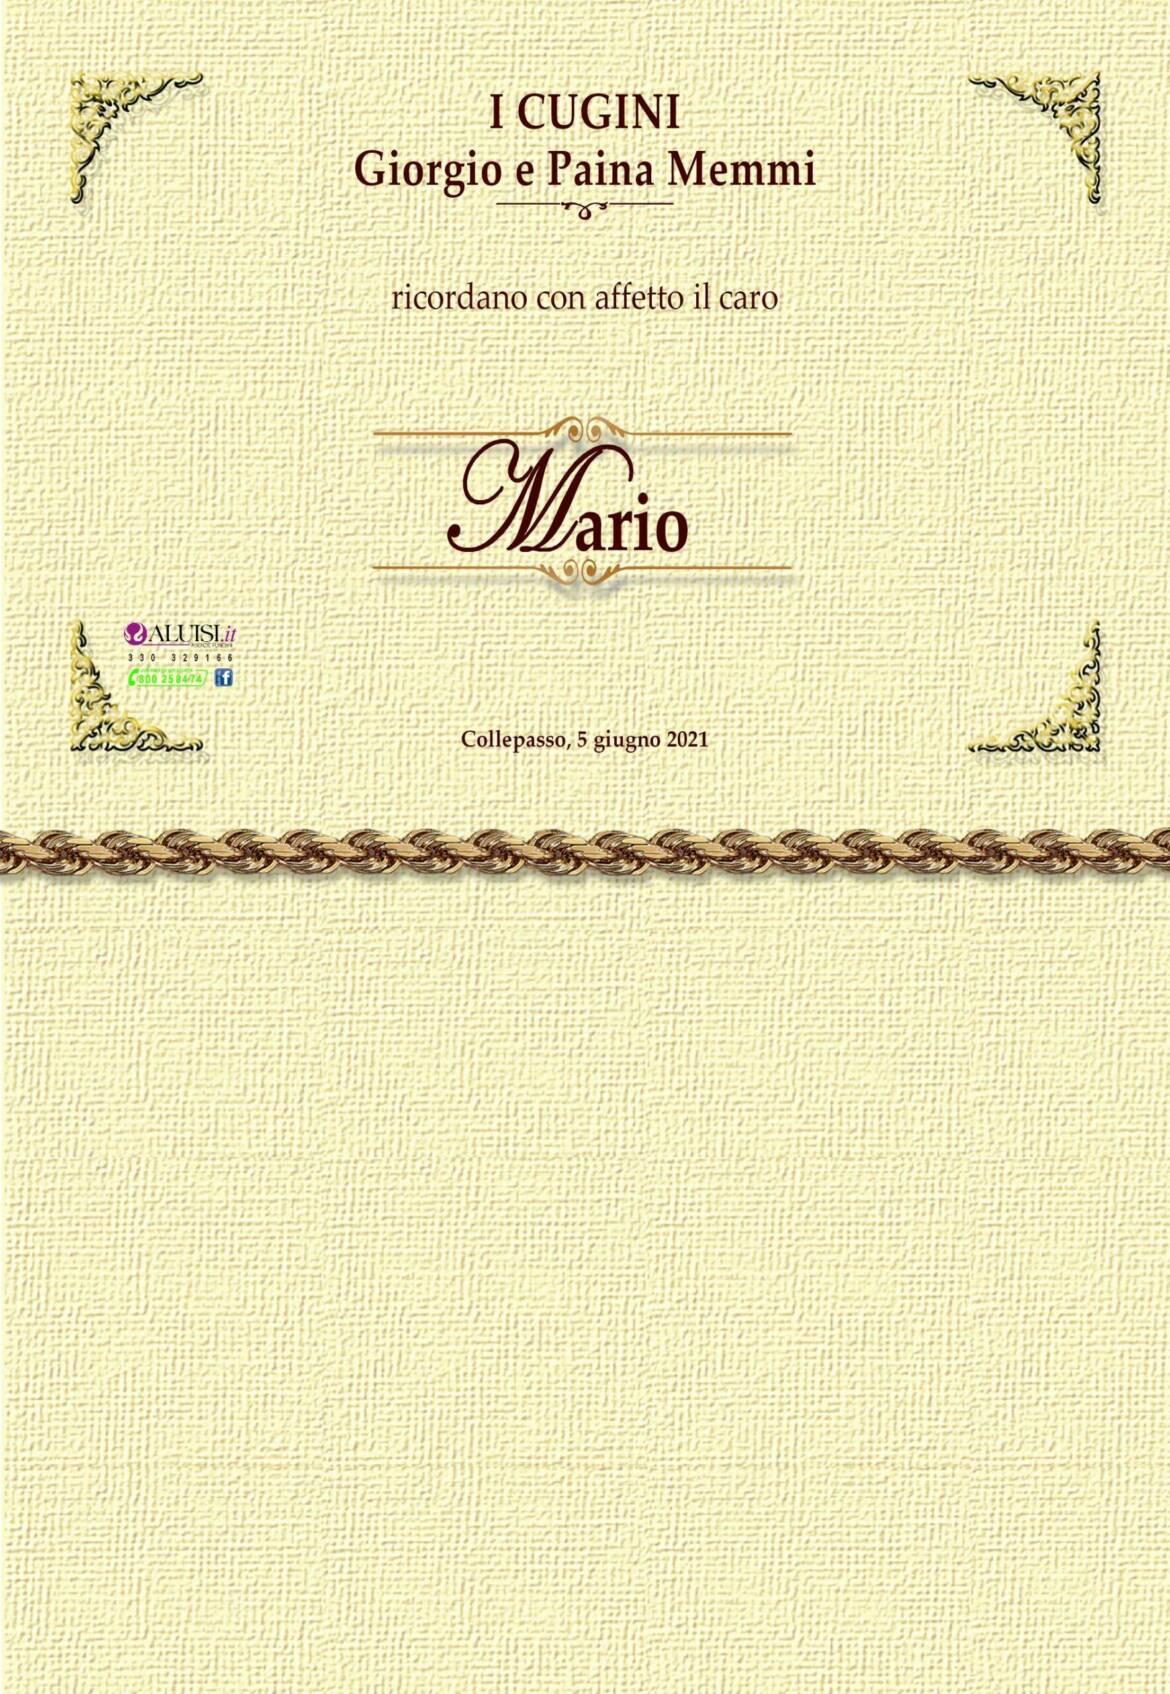 PARTECIPAZIONE-MARIO-CALo-COLLEPASSO-7-scaled.jpg